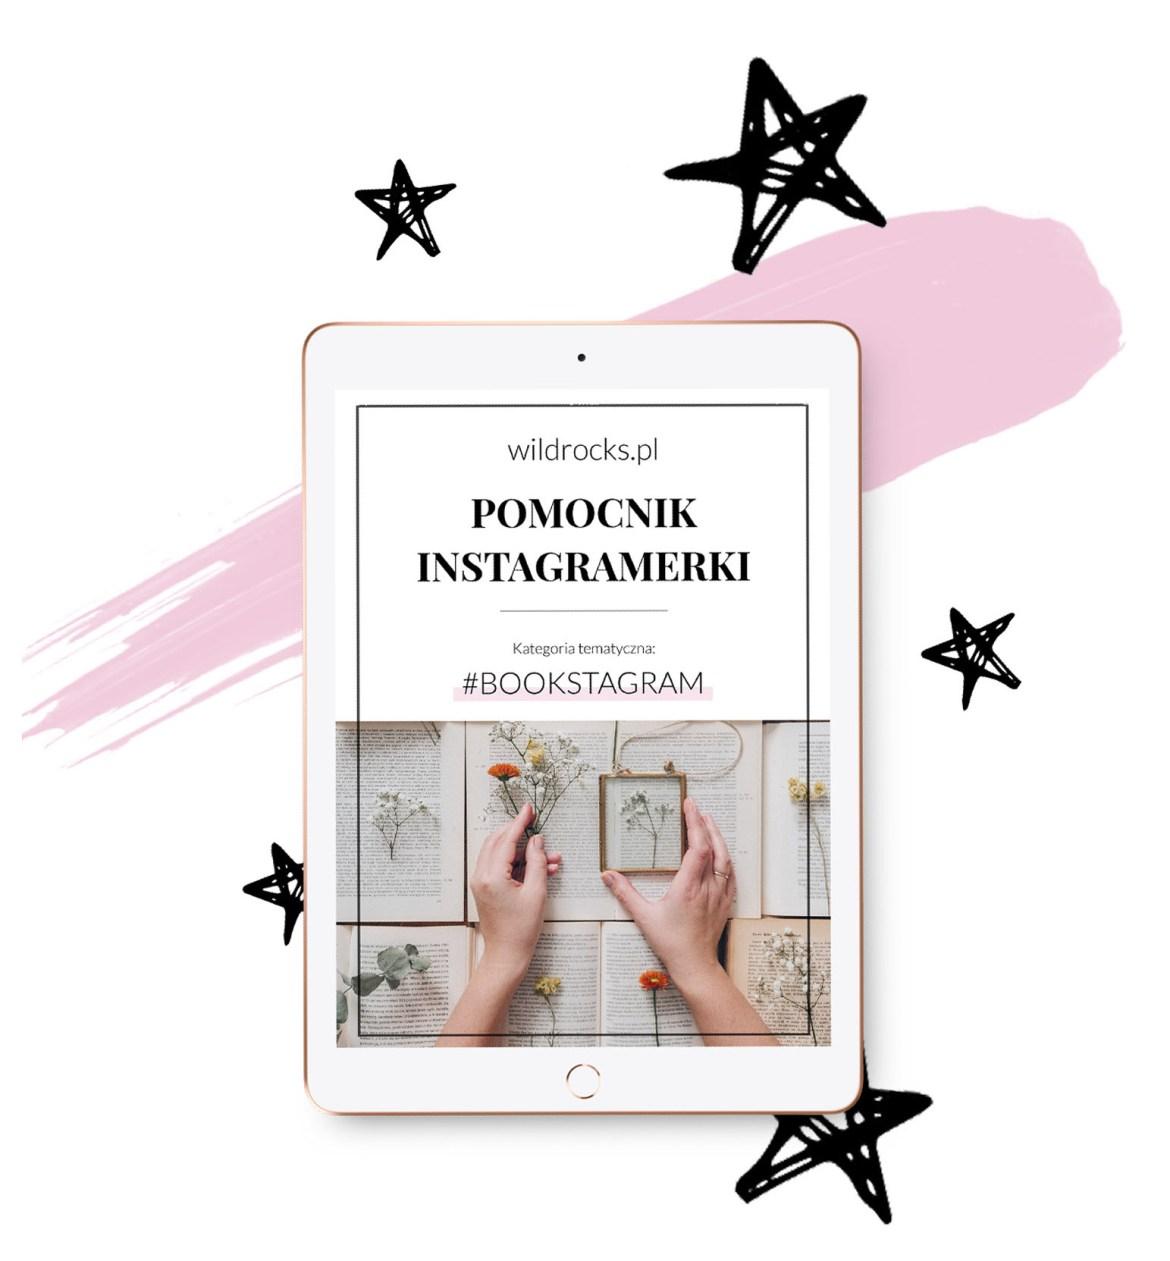 jak zwiekszyc zasiegi na instagramie